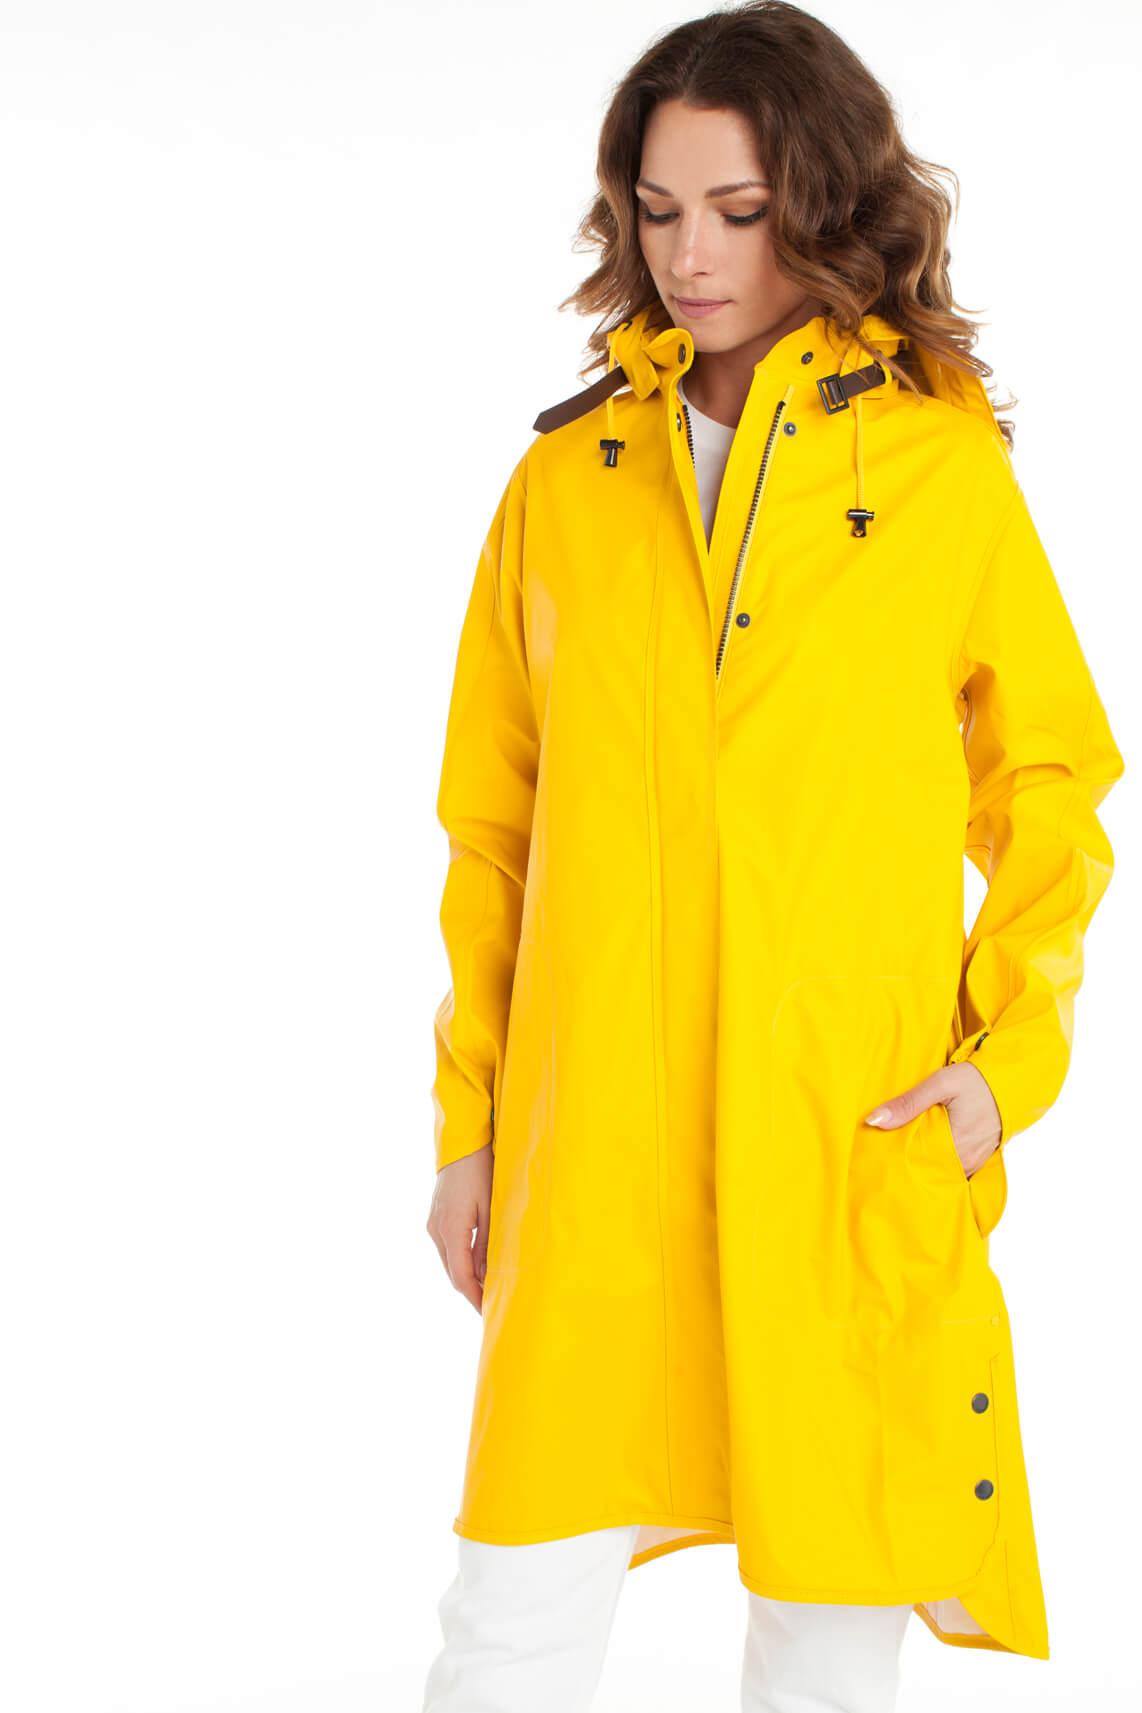 Ilse Jacobsen Dames Regenjas geel